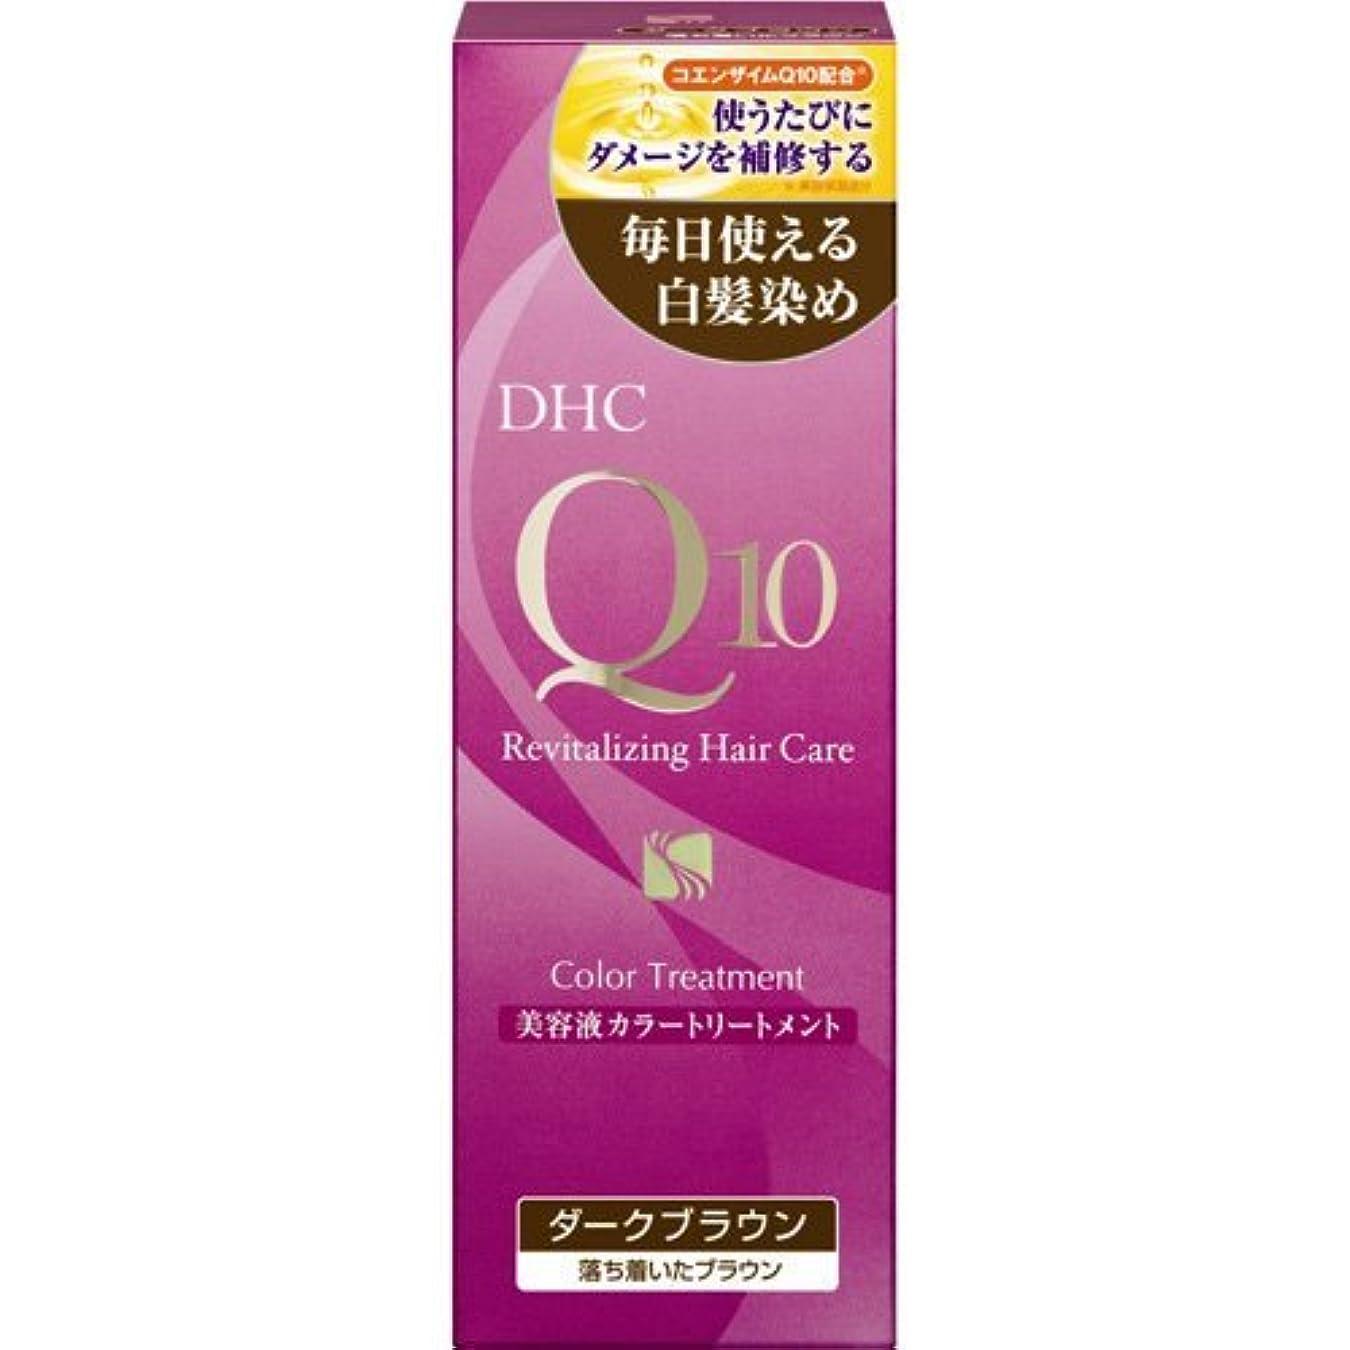 これらダニカーペット【まとめ買い】DHC Q10美溶液カラートリートメントDブラウンSS170g ×3個